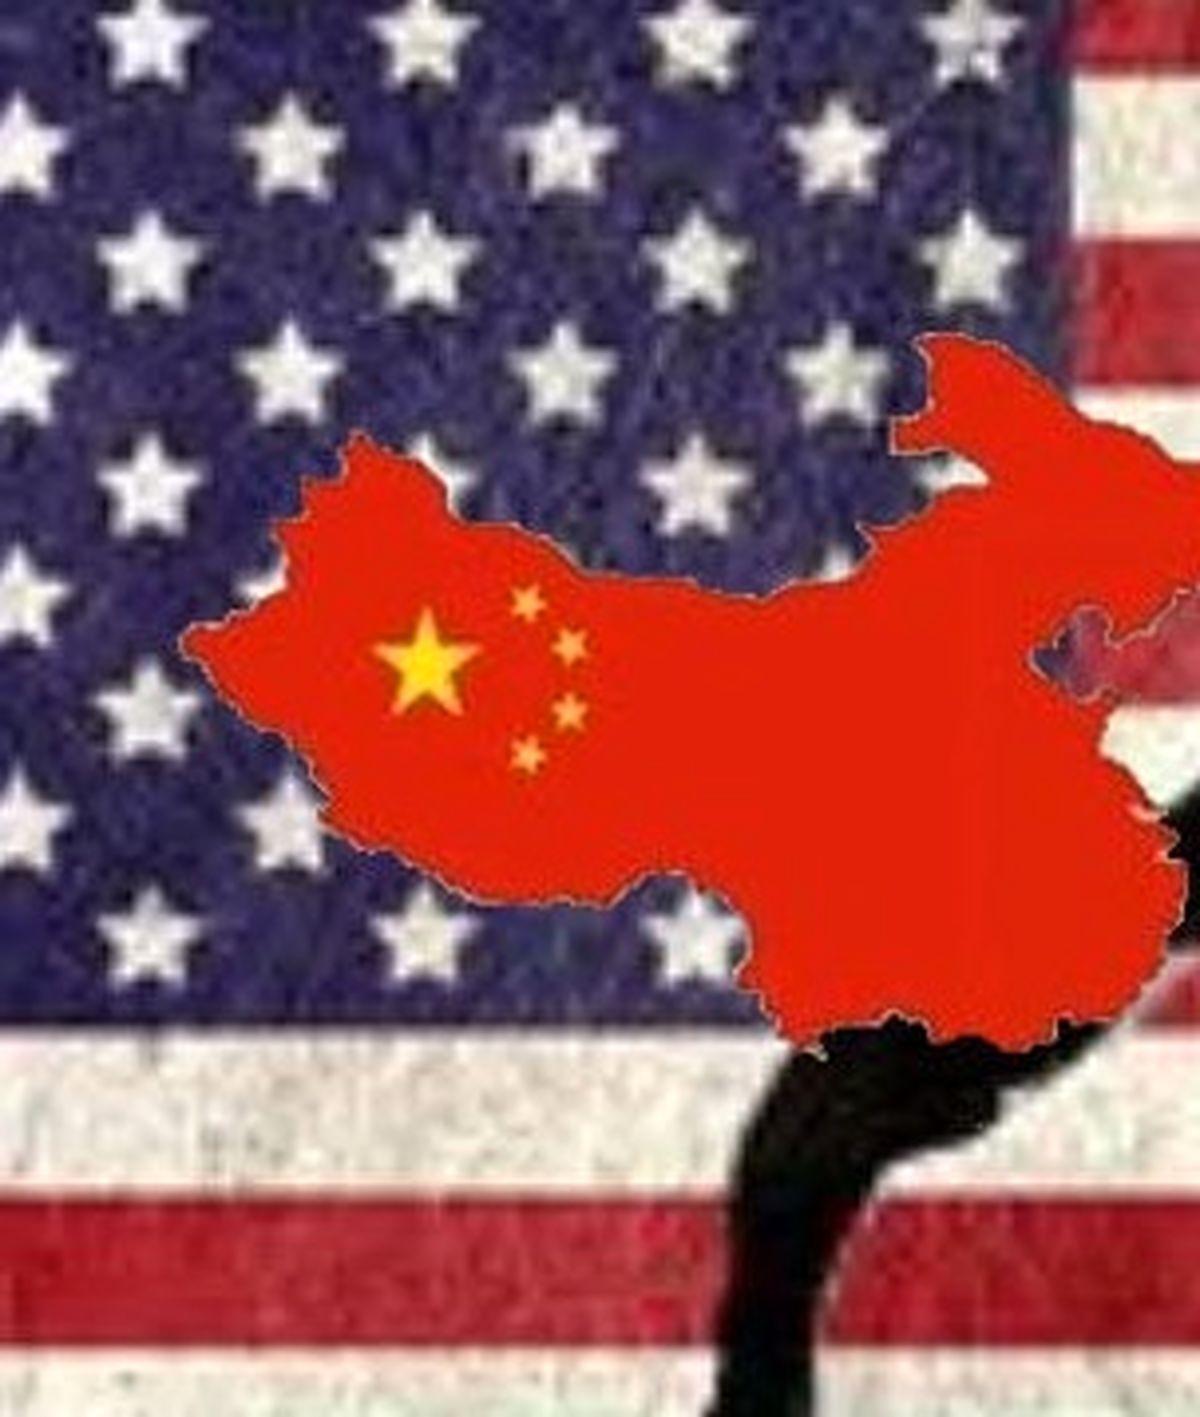 نقشه کثیف آمریکا و چین برای ایران